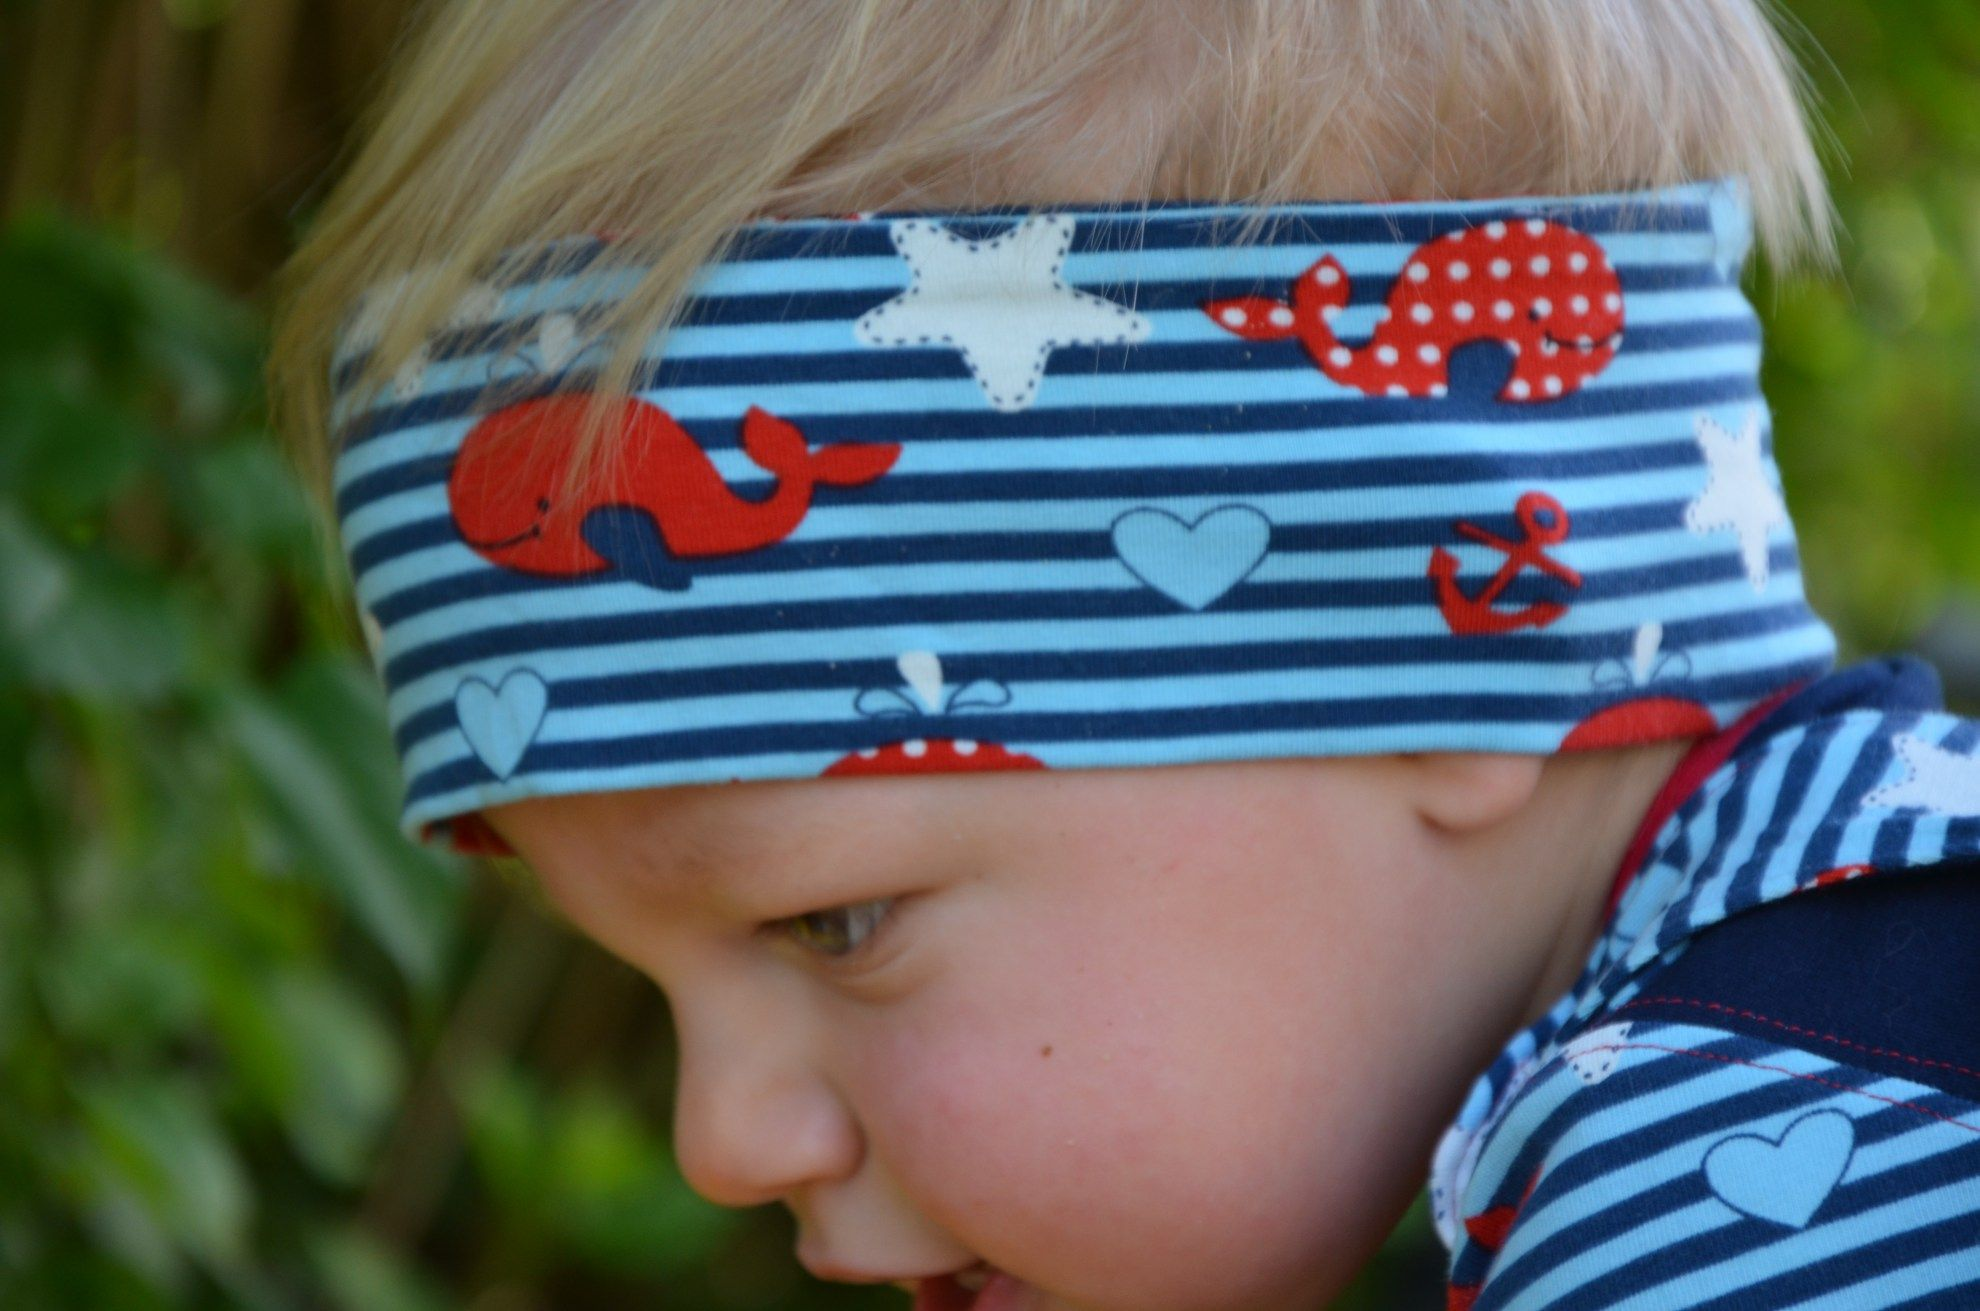 09e968c01828a1 Tutorial: Einfaches Stirnband für Kinder und Erwachsene nähen ...